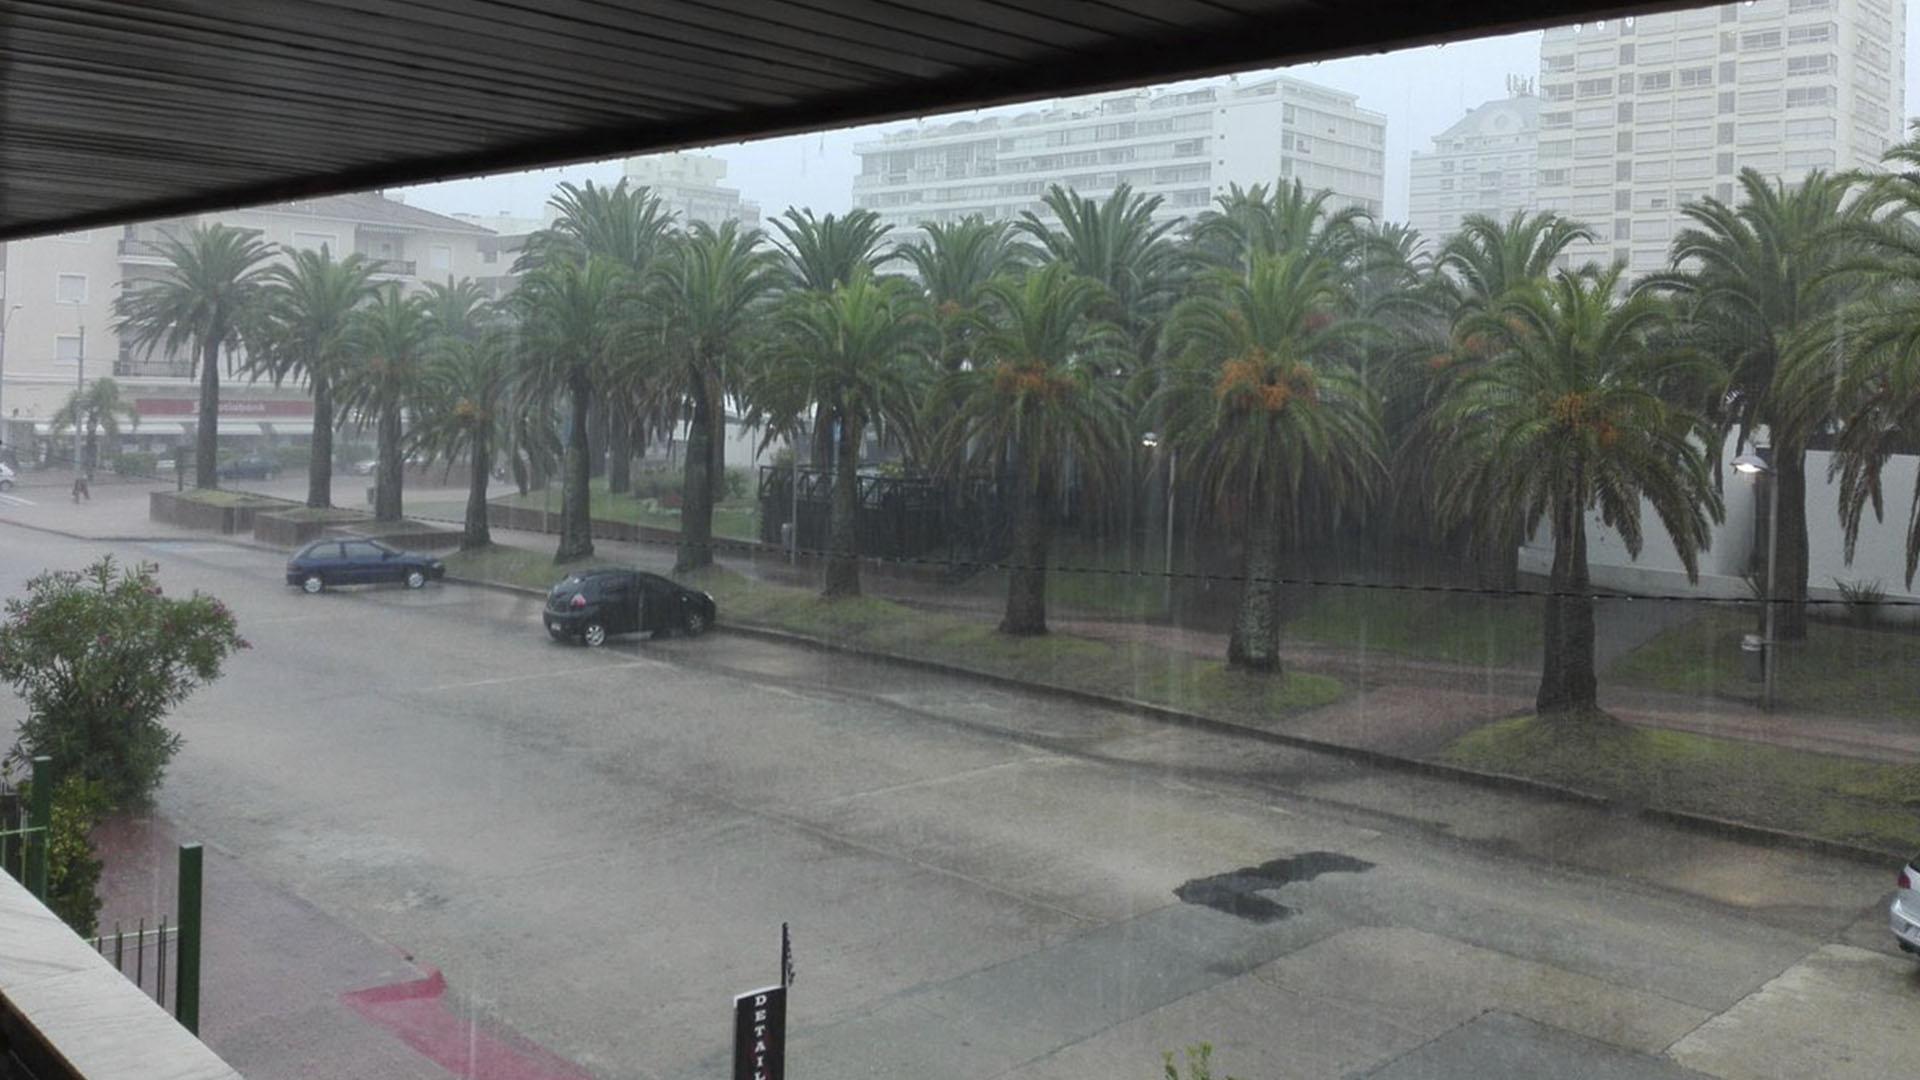 Las intensas lluvias en Punta del Este (@masteroriental)